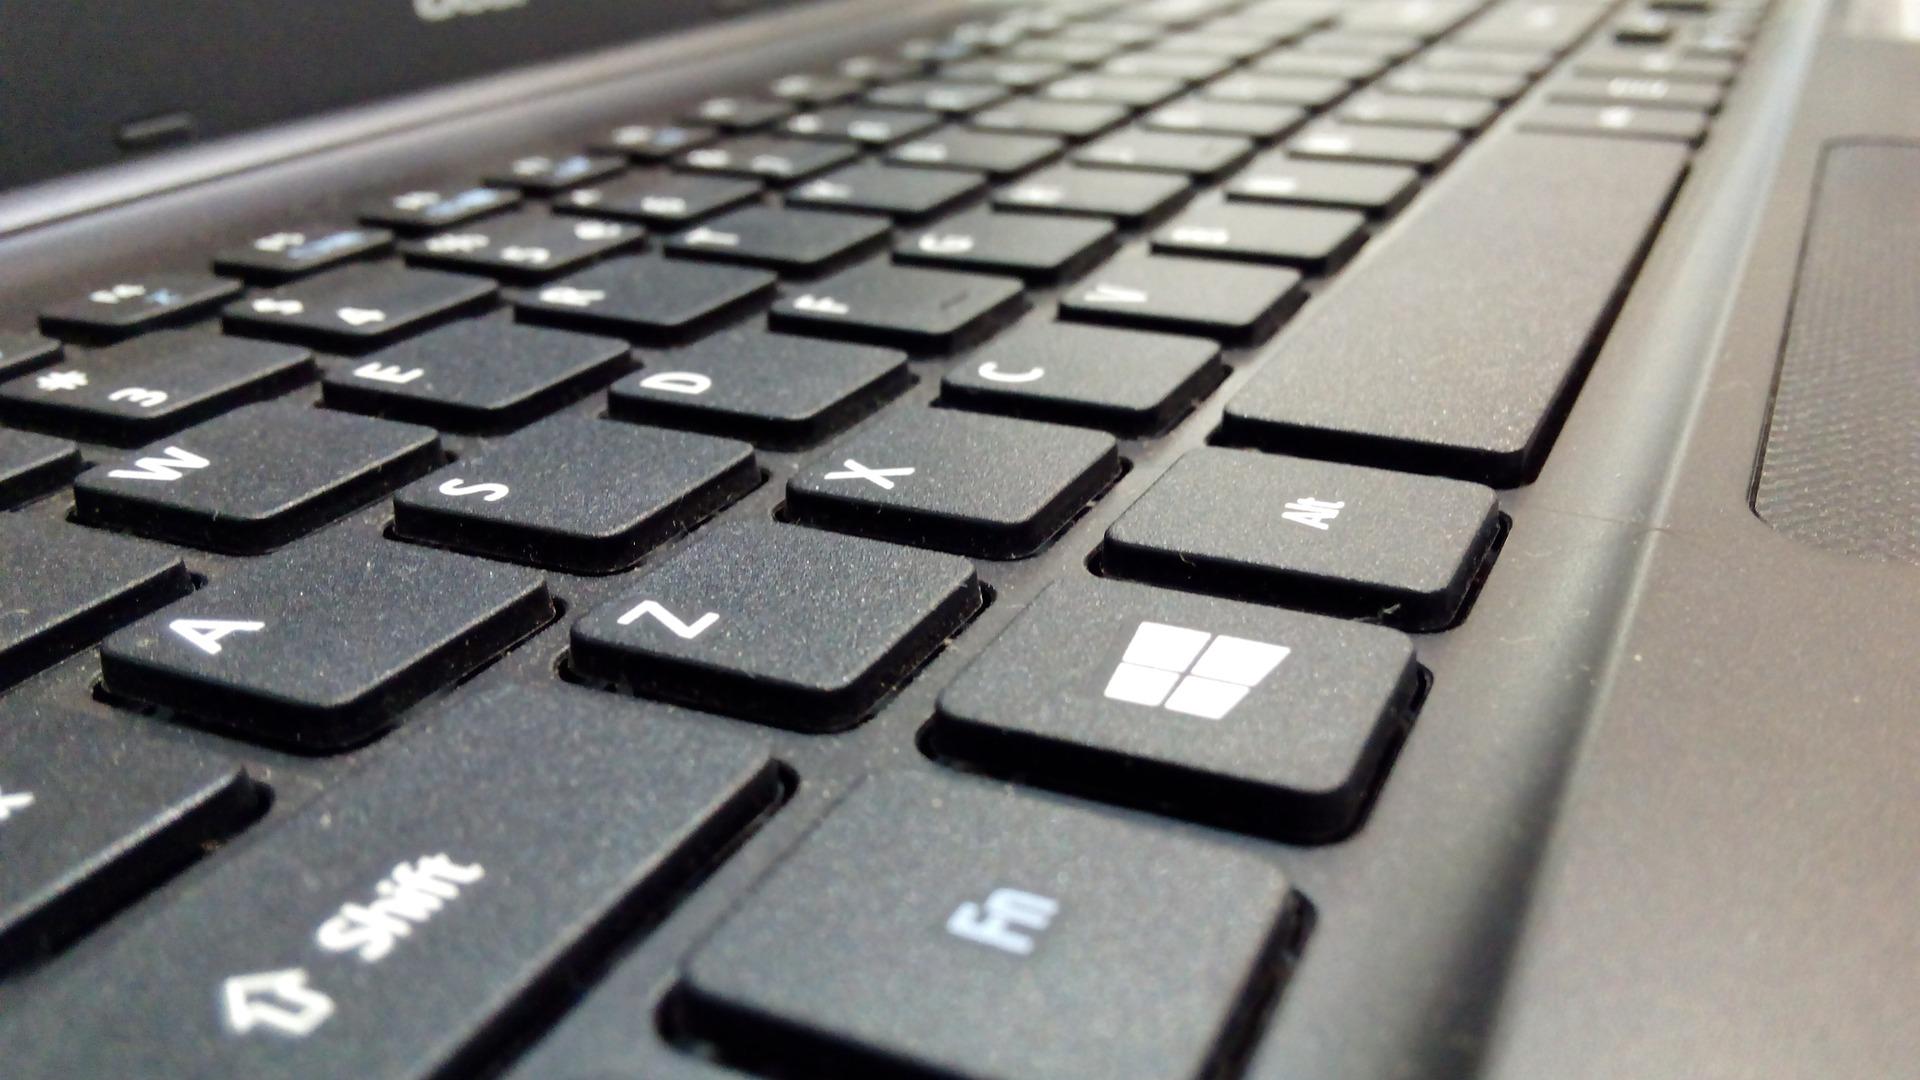 صورة للوحة مفاتيح كيبورد للكمبيوتر